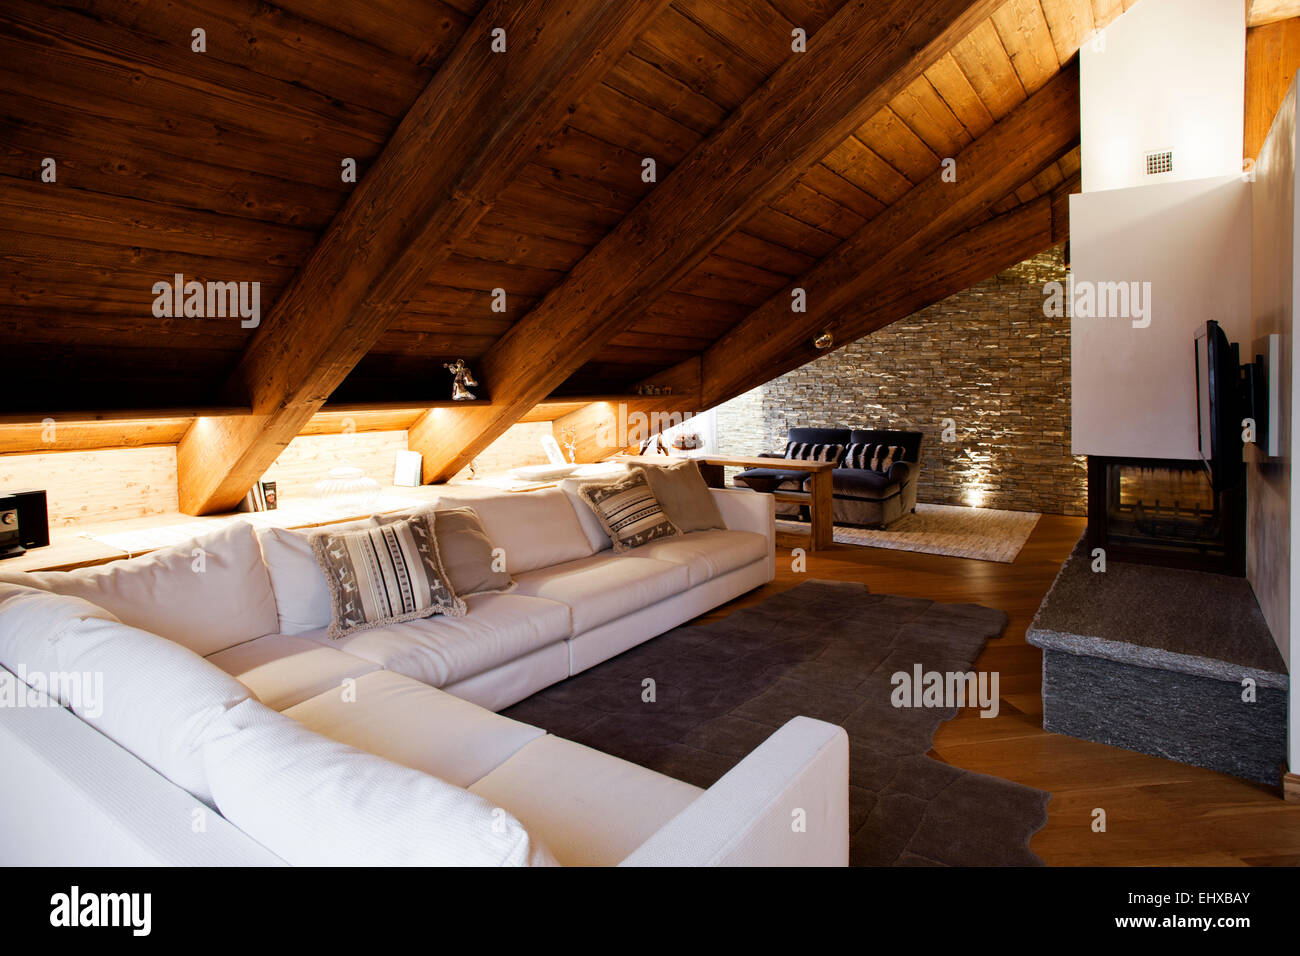 Luxus Wohnzimmer In Alpine Hütte Mit Kamin Und Steinernen Wand